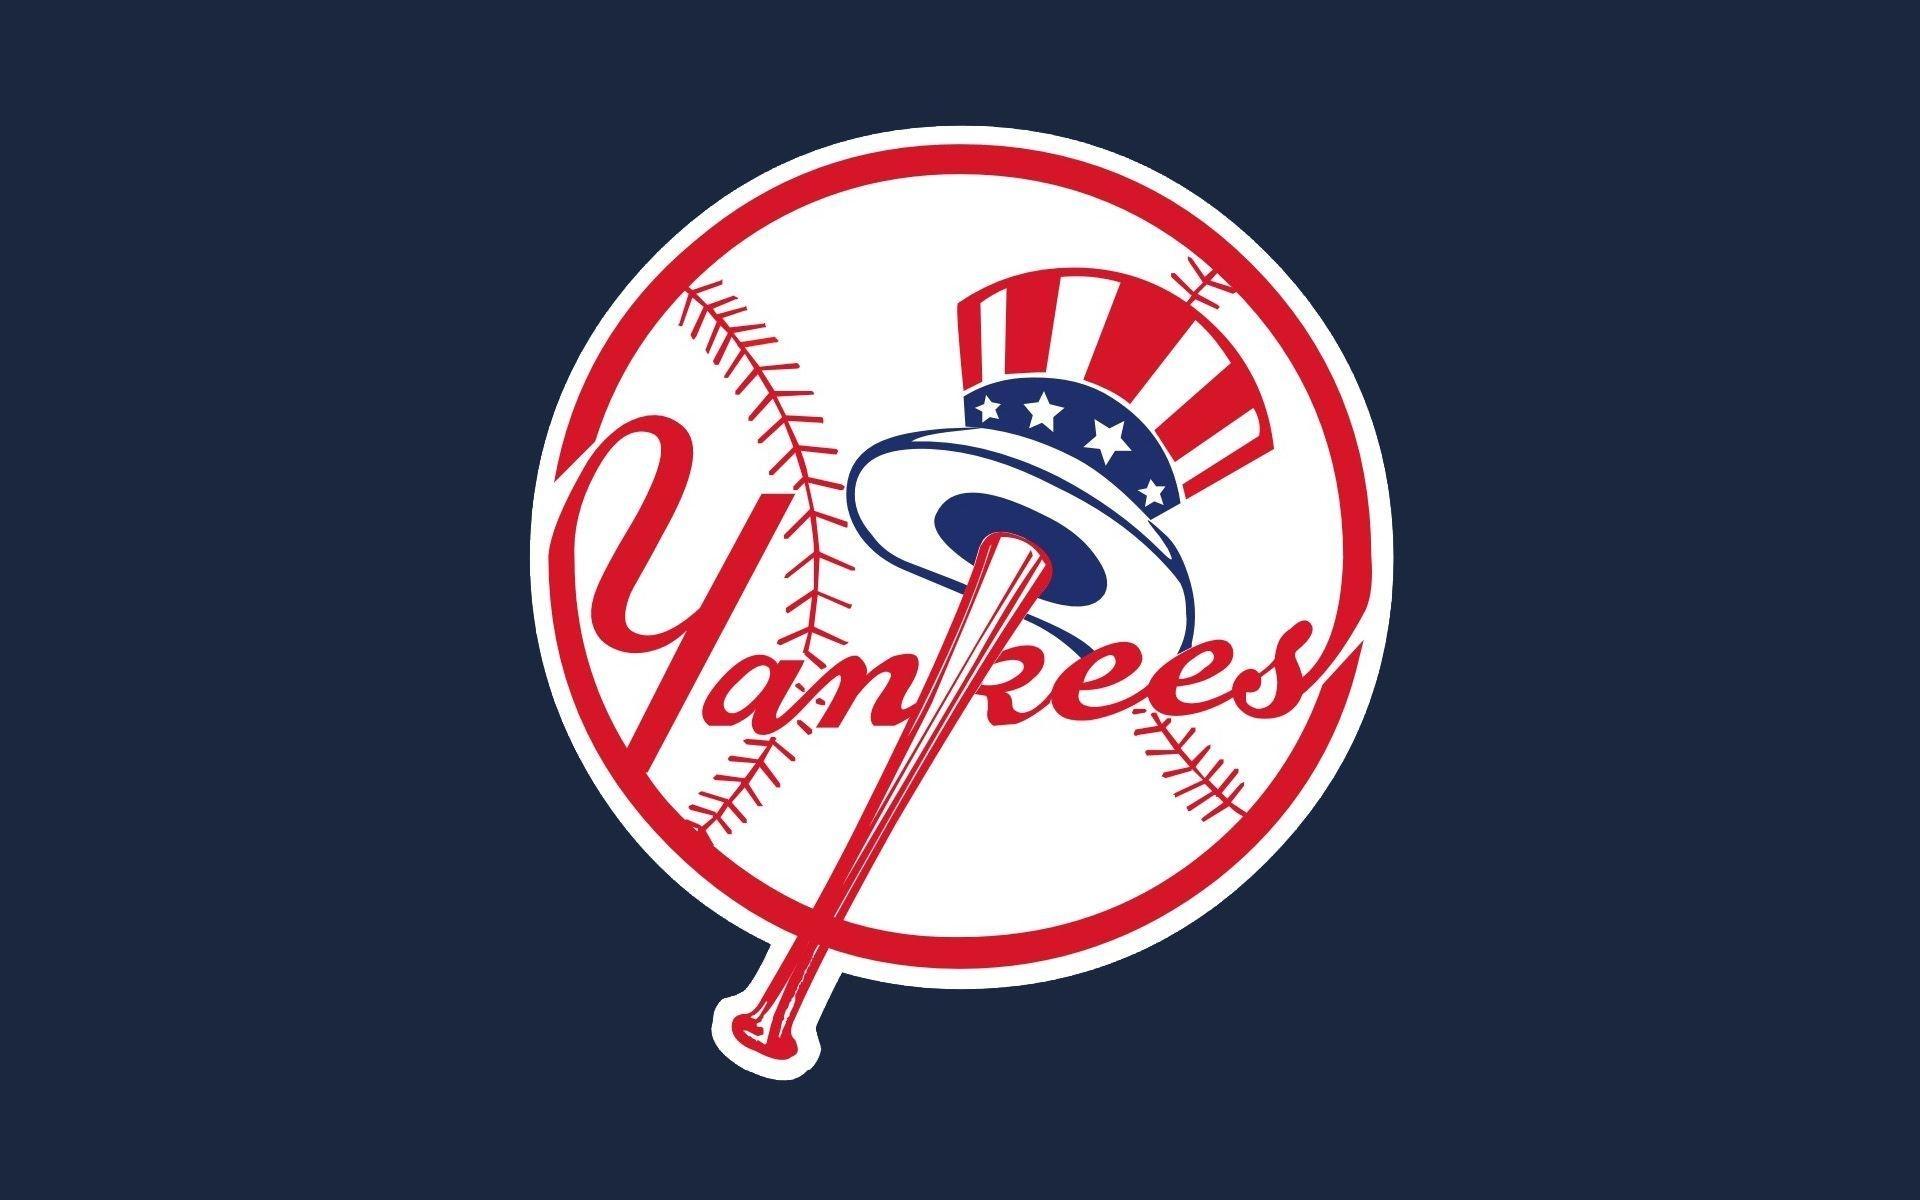 new york yankees logo wallpapers - wallpaper cave